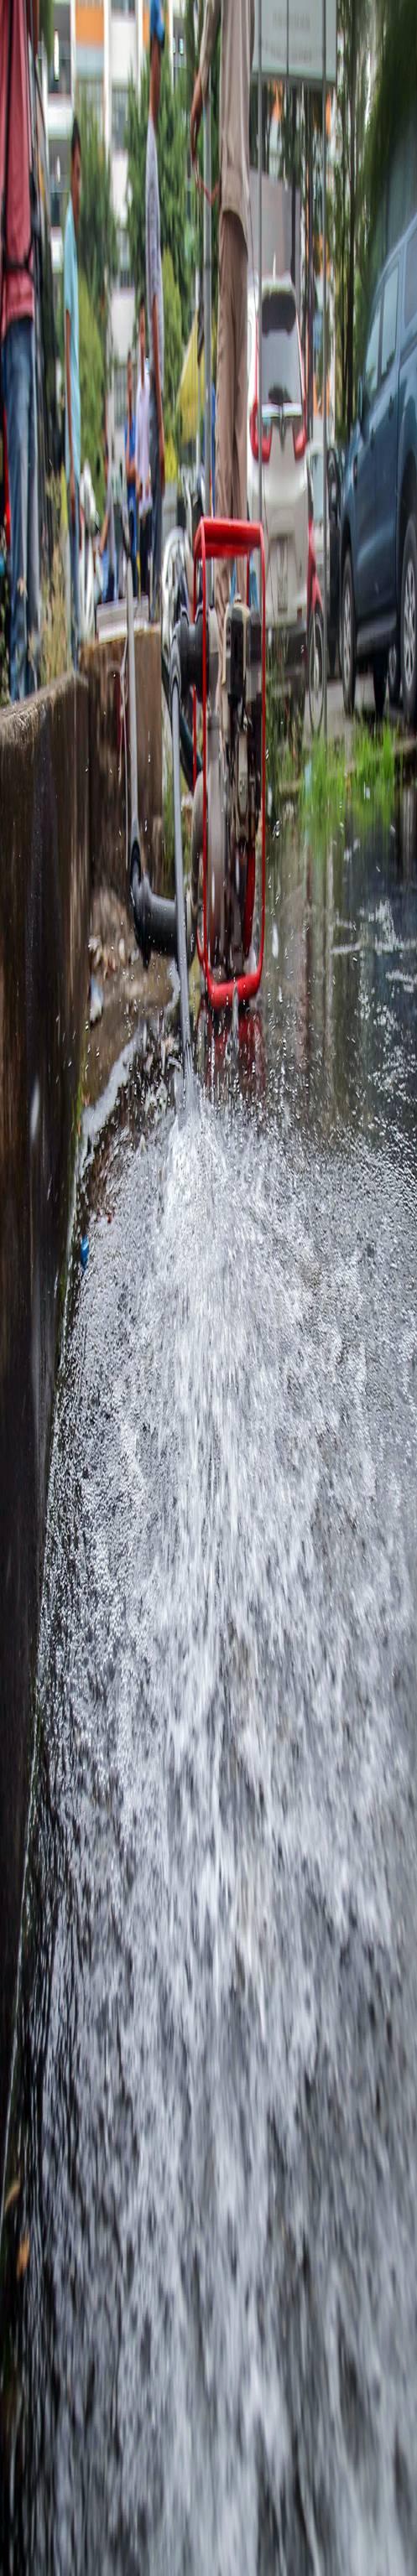 Cuộc sống người Hà Nội đảo lộn trong cơn khủng hoảng nước-34